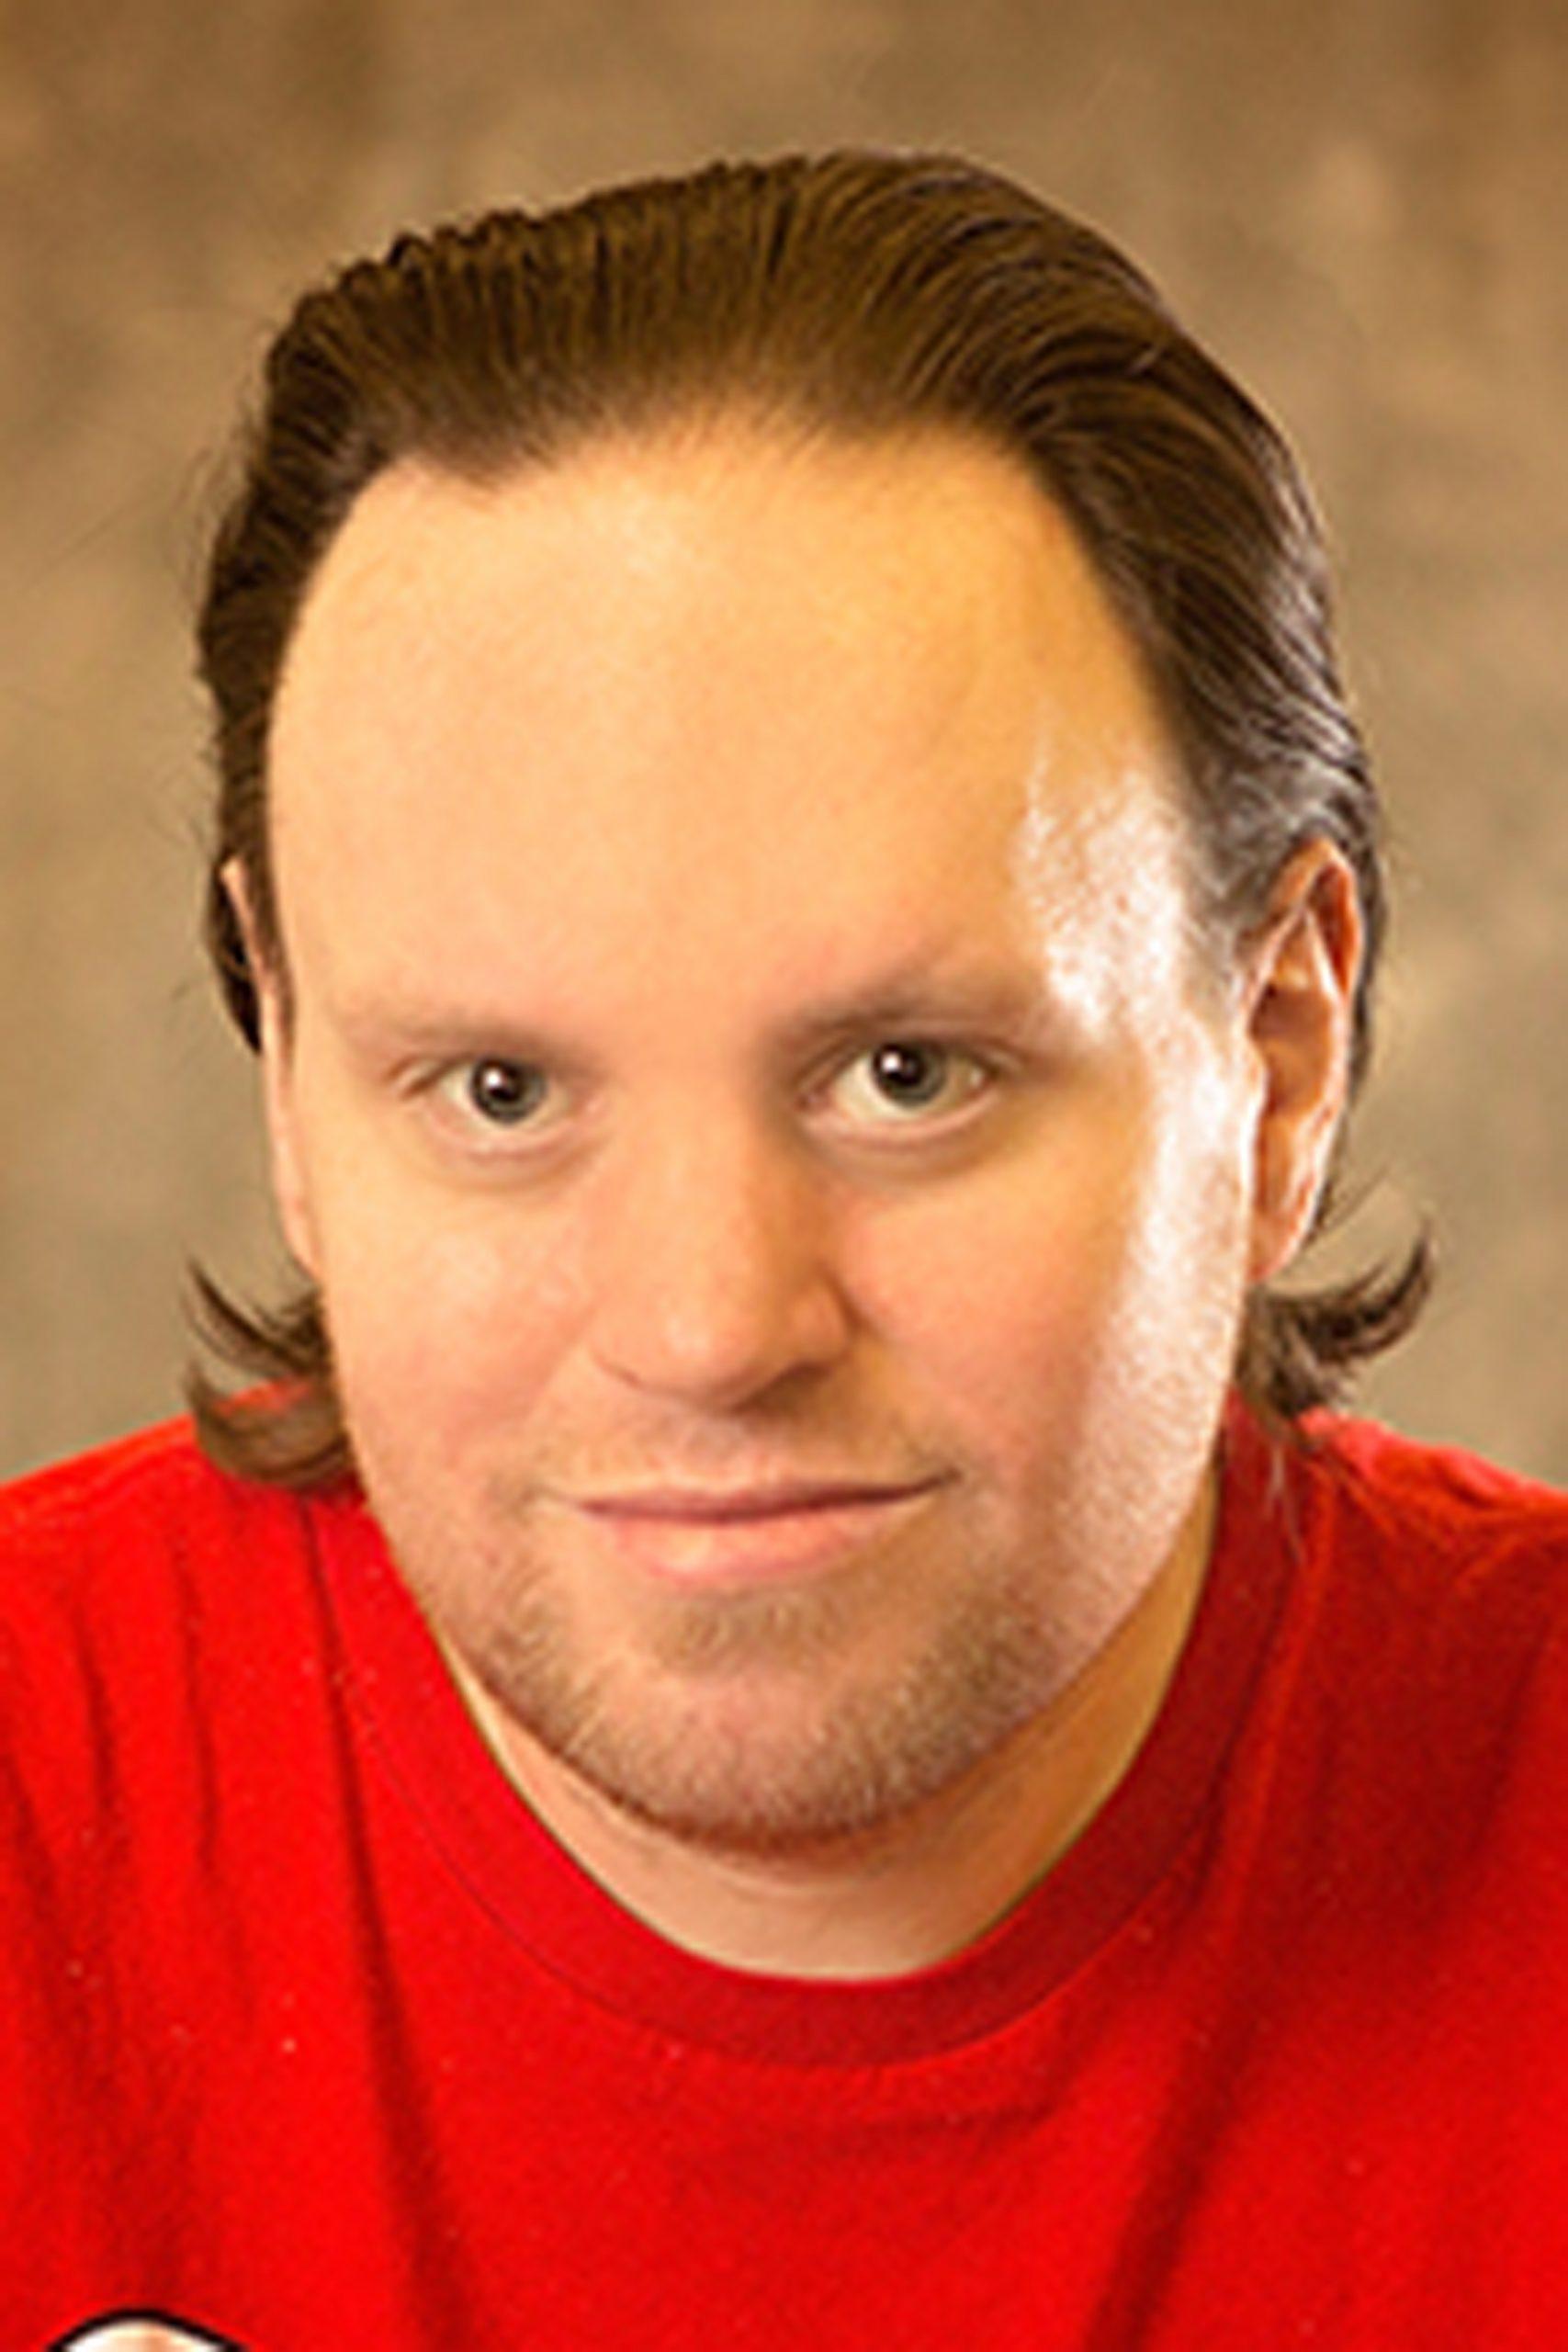 Jeremy W. Cox, 44